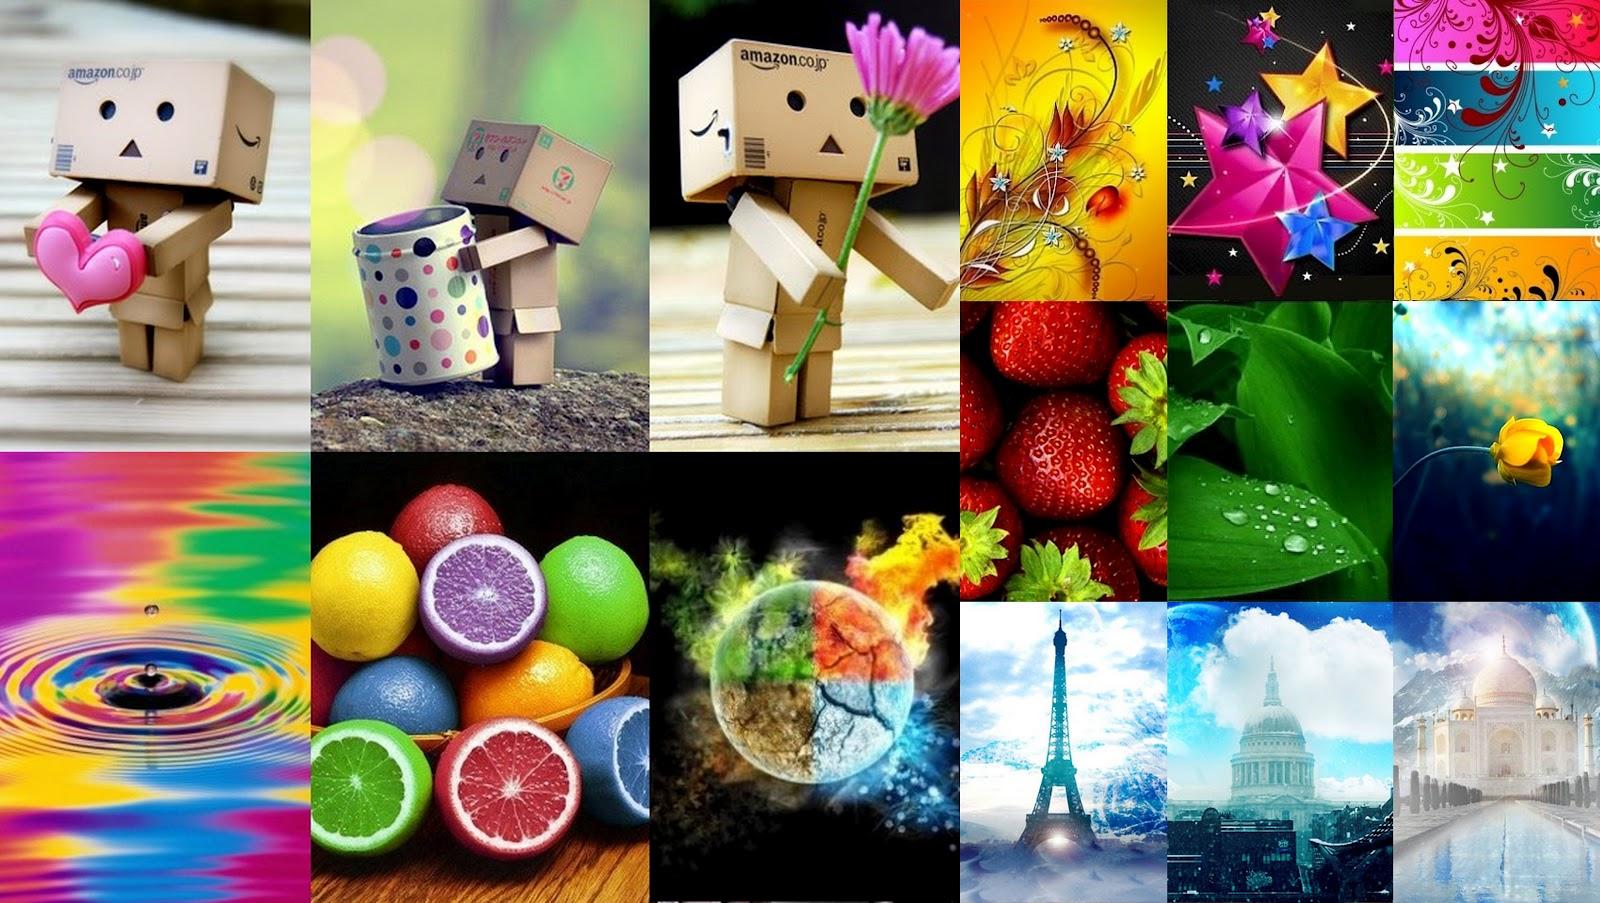 http://4.bp.blogspot.com/-VbgpnL29dhw/UGfWOnPBV8I/AAAAAAAAAMo/y1AQy-GEBBQ/s1600/Corby.jpg